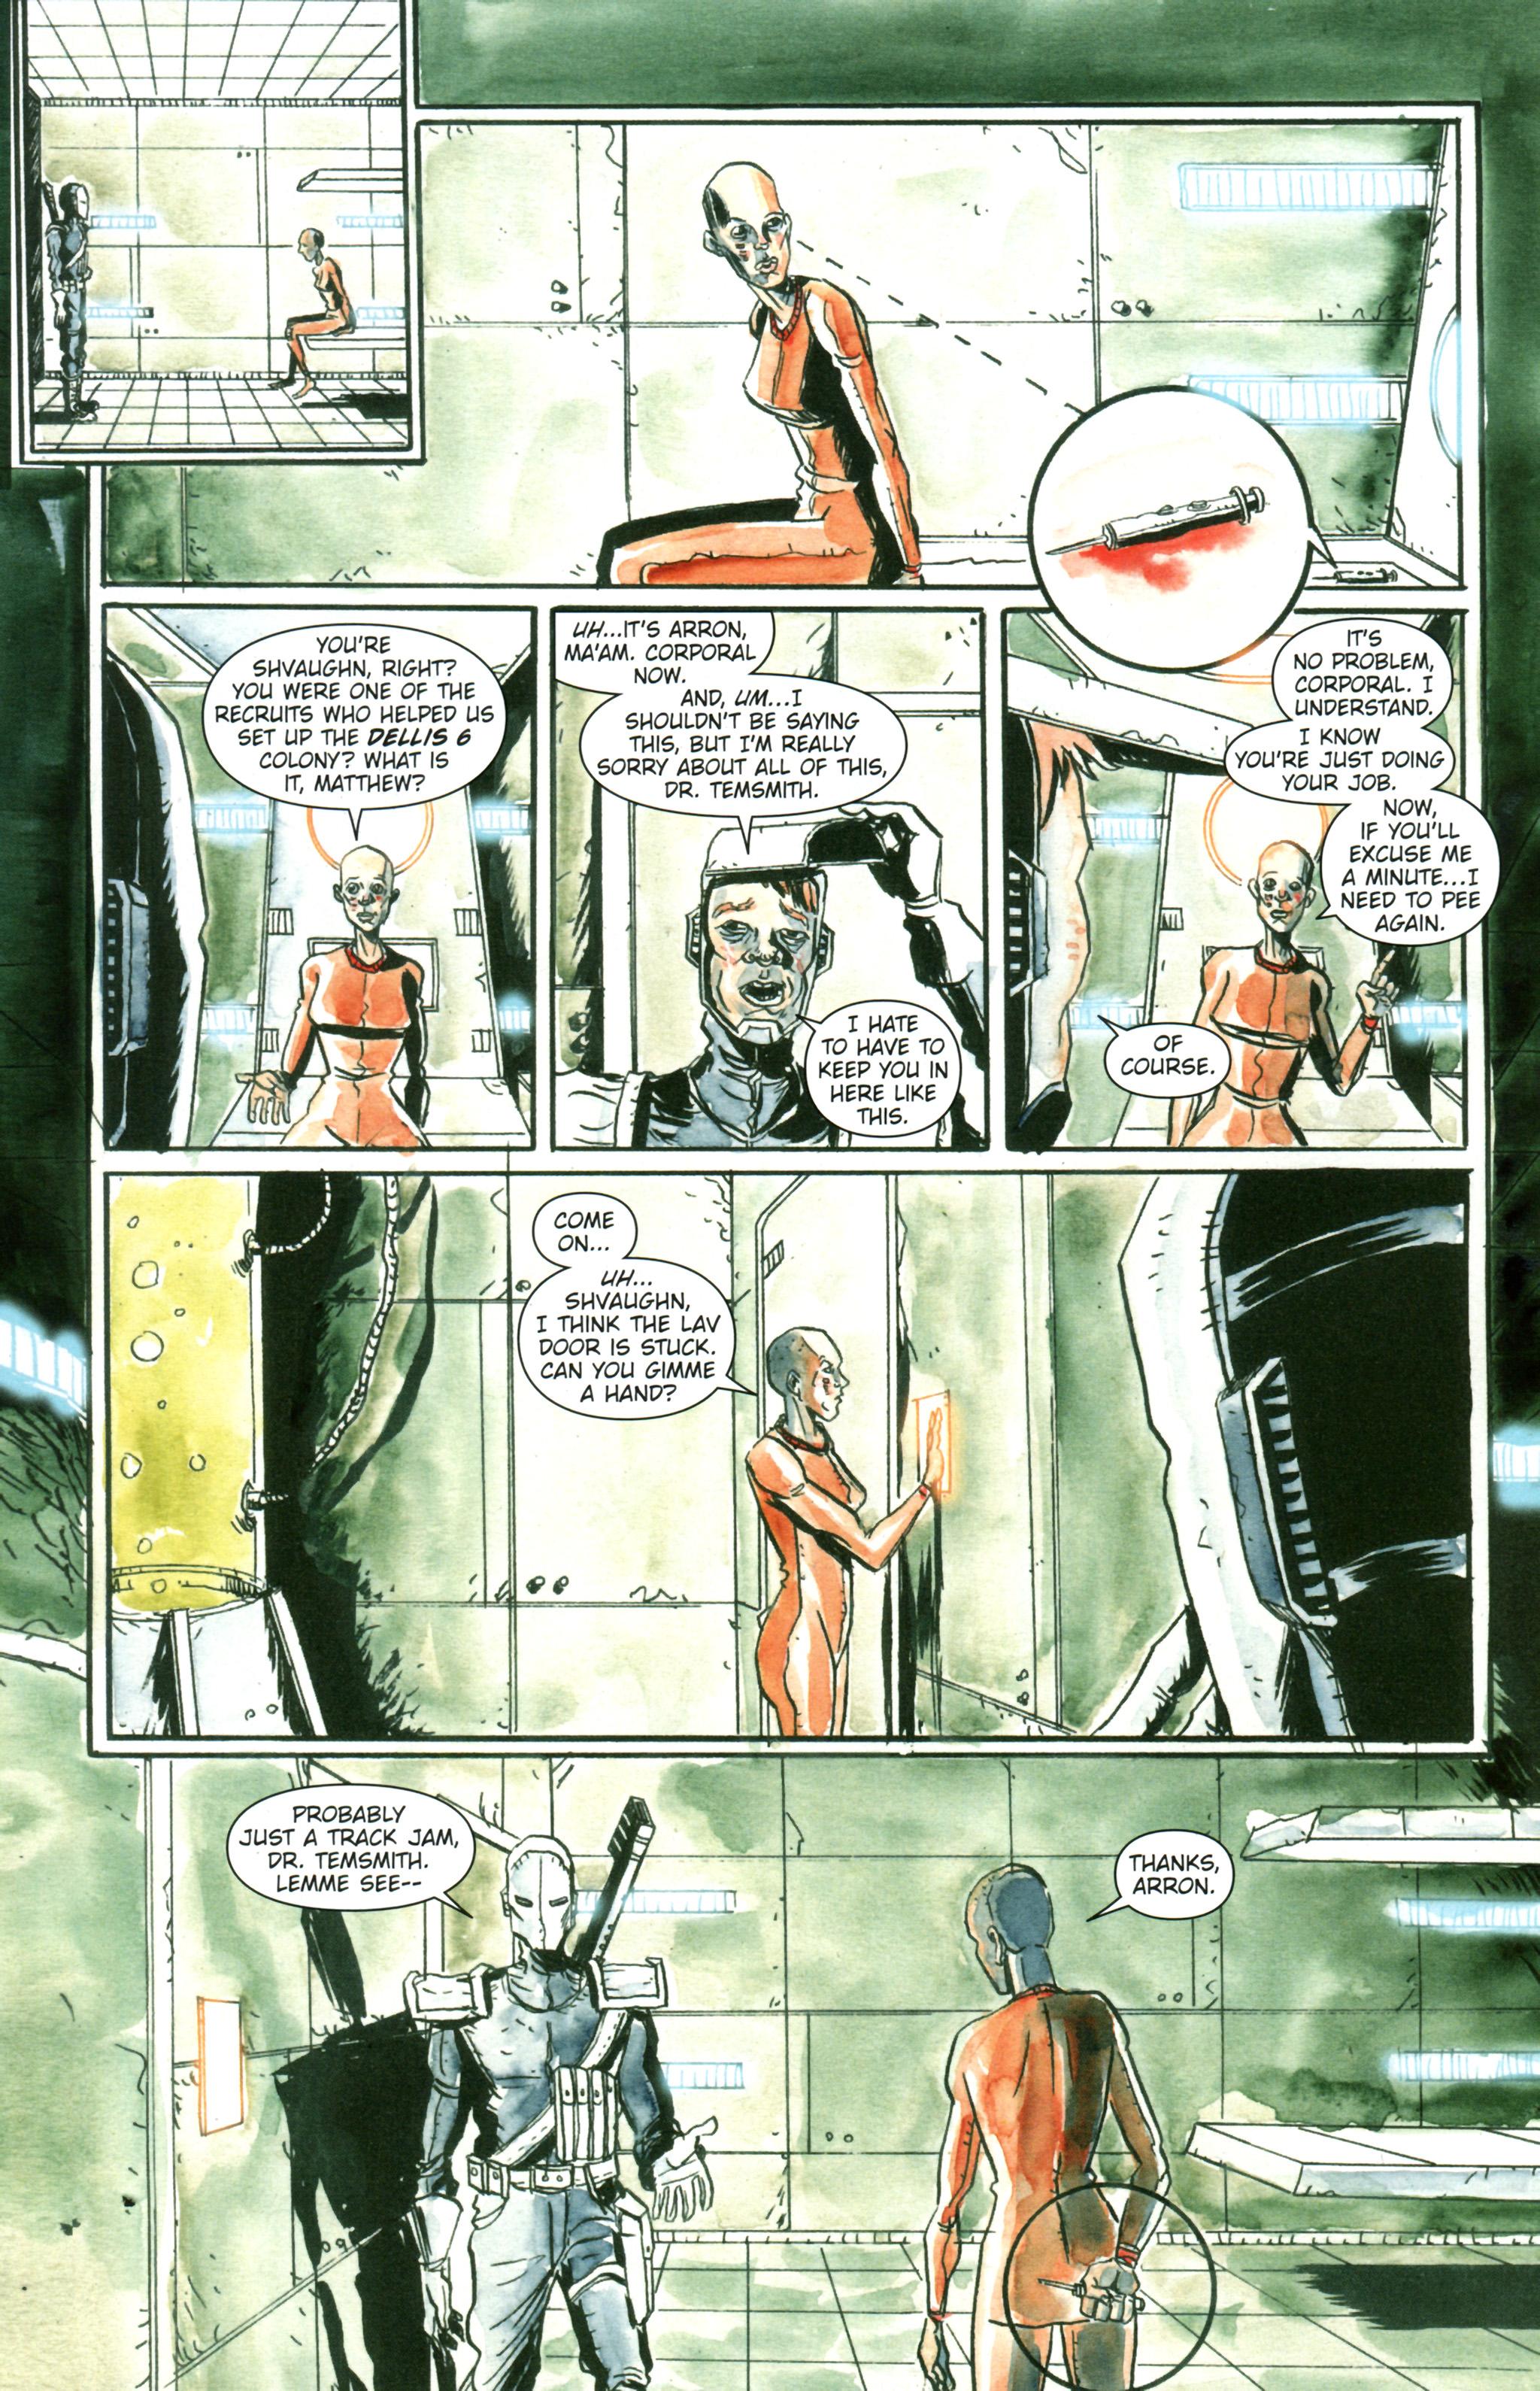 Read online Trillium comic -  Issue #3 - 8